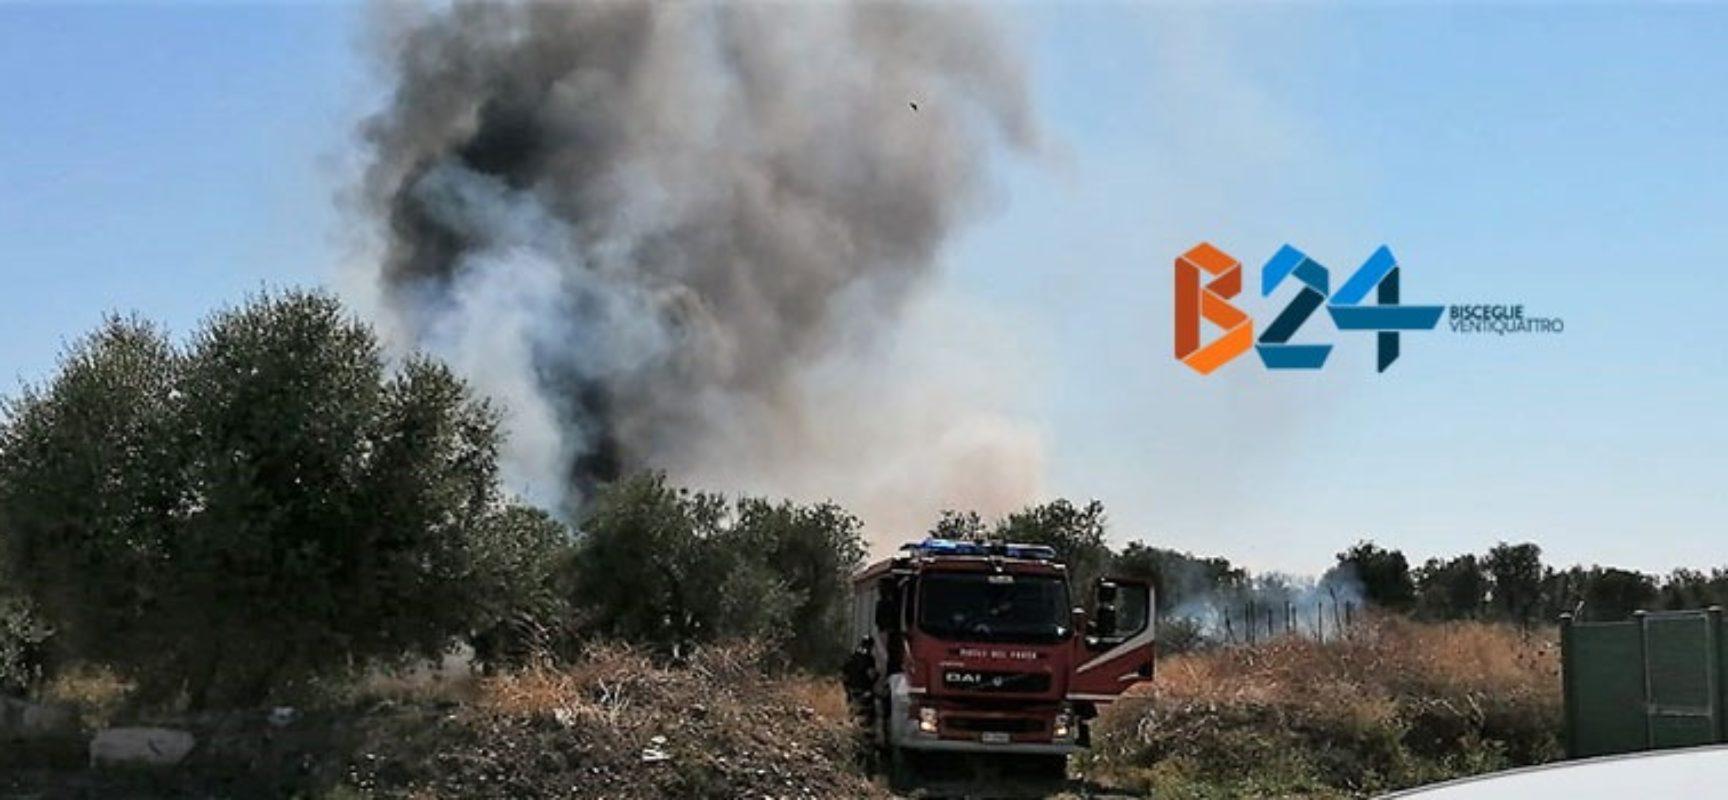 Incendio in via Lama di Macina, intervengono i Vigili del Fuoco